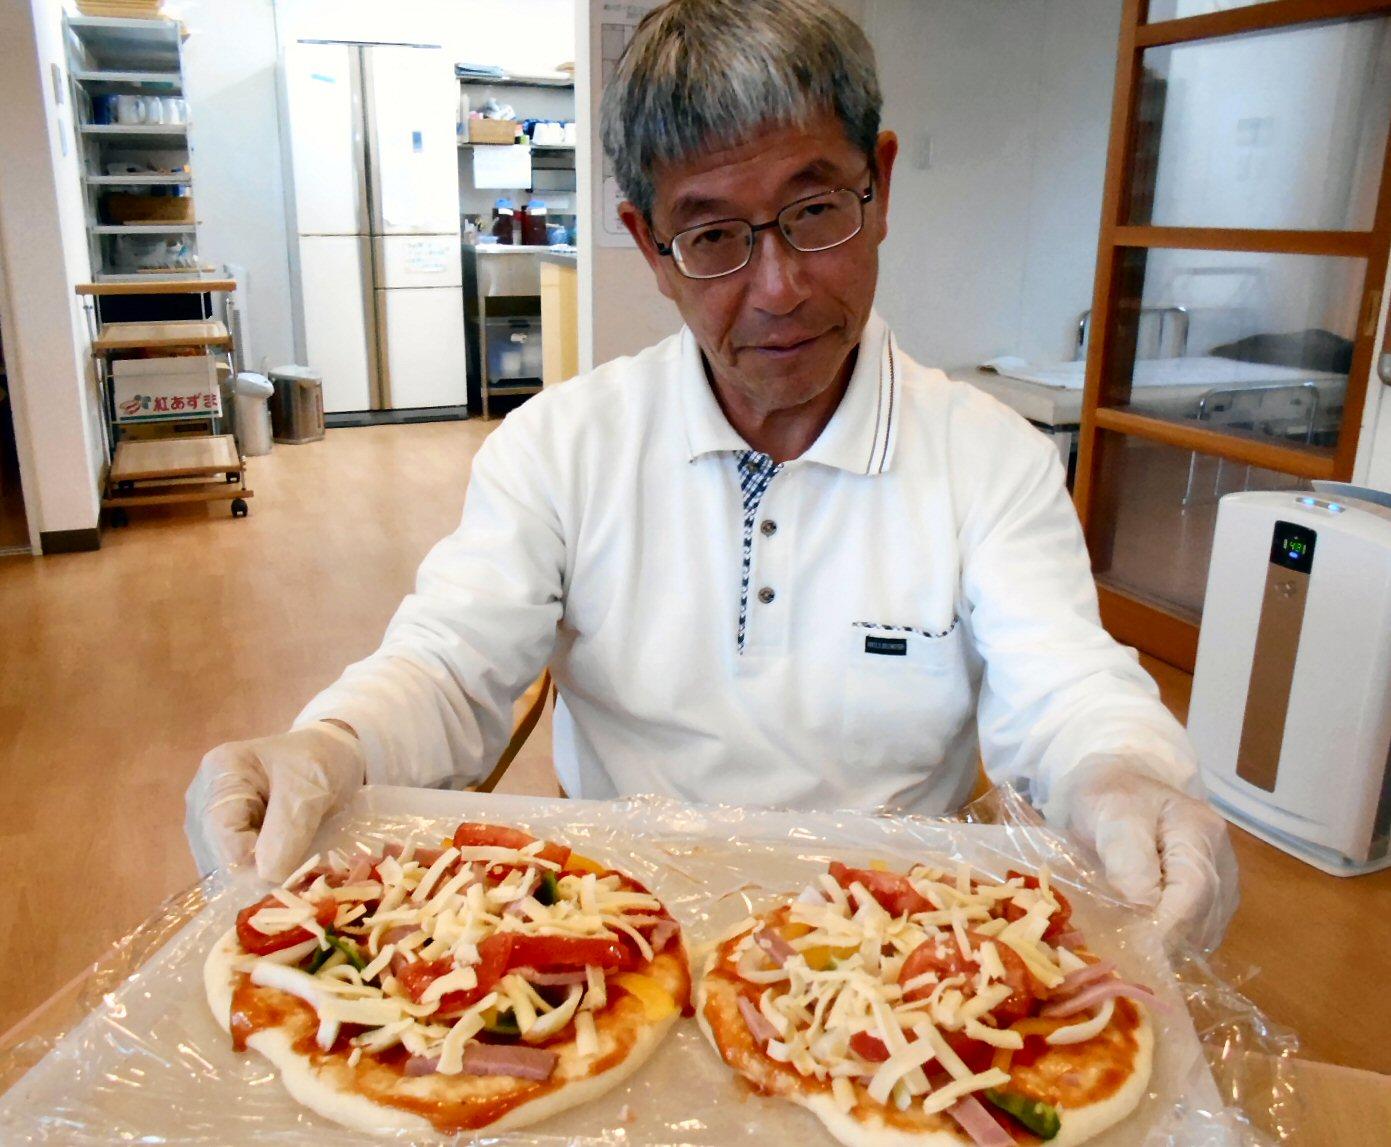 21日 おやつ作りピザ③